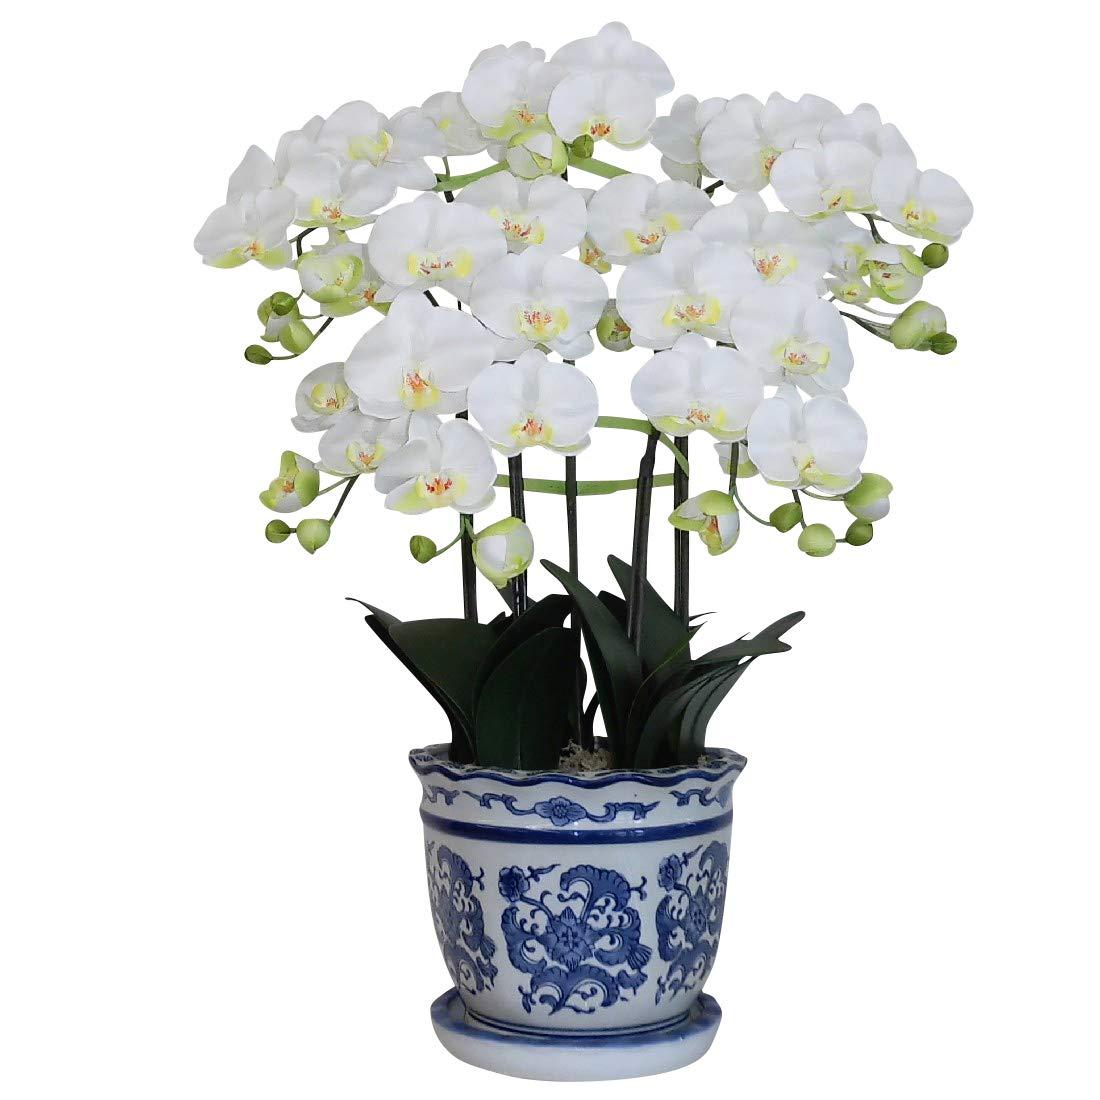 光触媒の胡蝶蘭 鉢植え 造花 Mサイズ-5本立 H70cm(白/花弁黄-青のデザイン鉢) B00LKE3QEW 鉢カラー-bld:青柄鉢